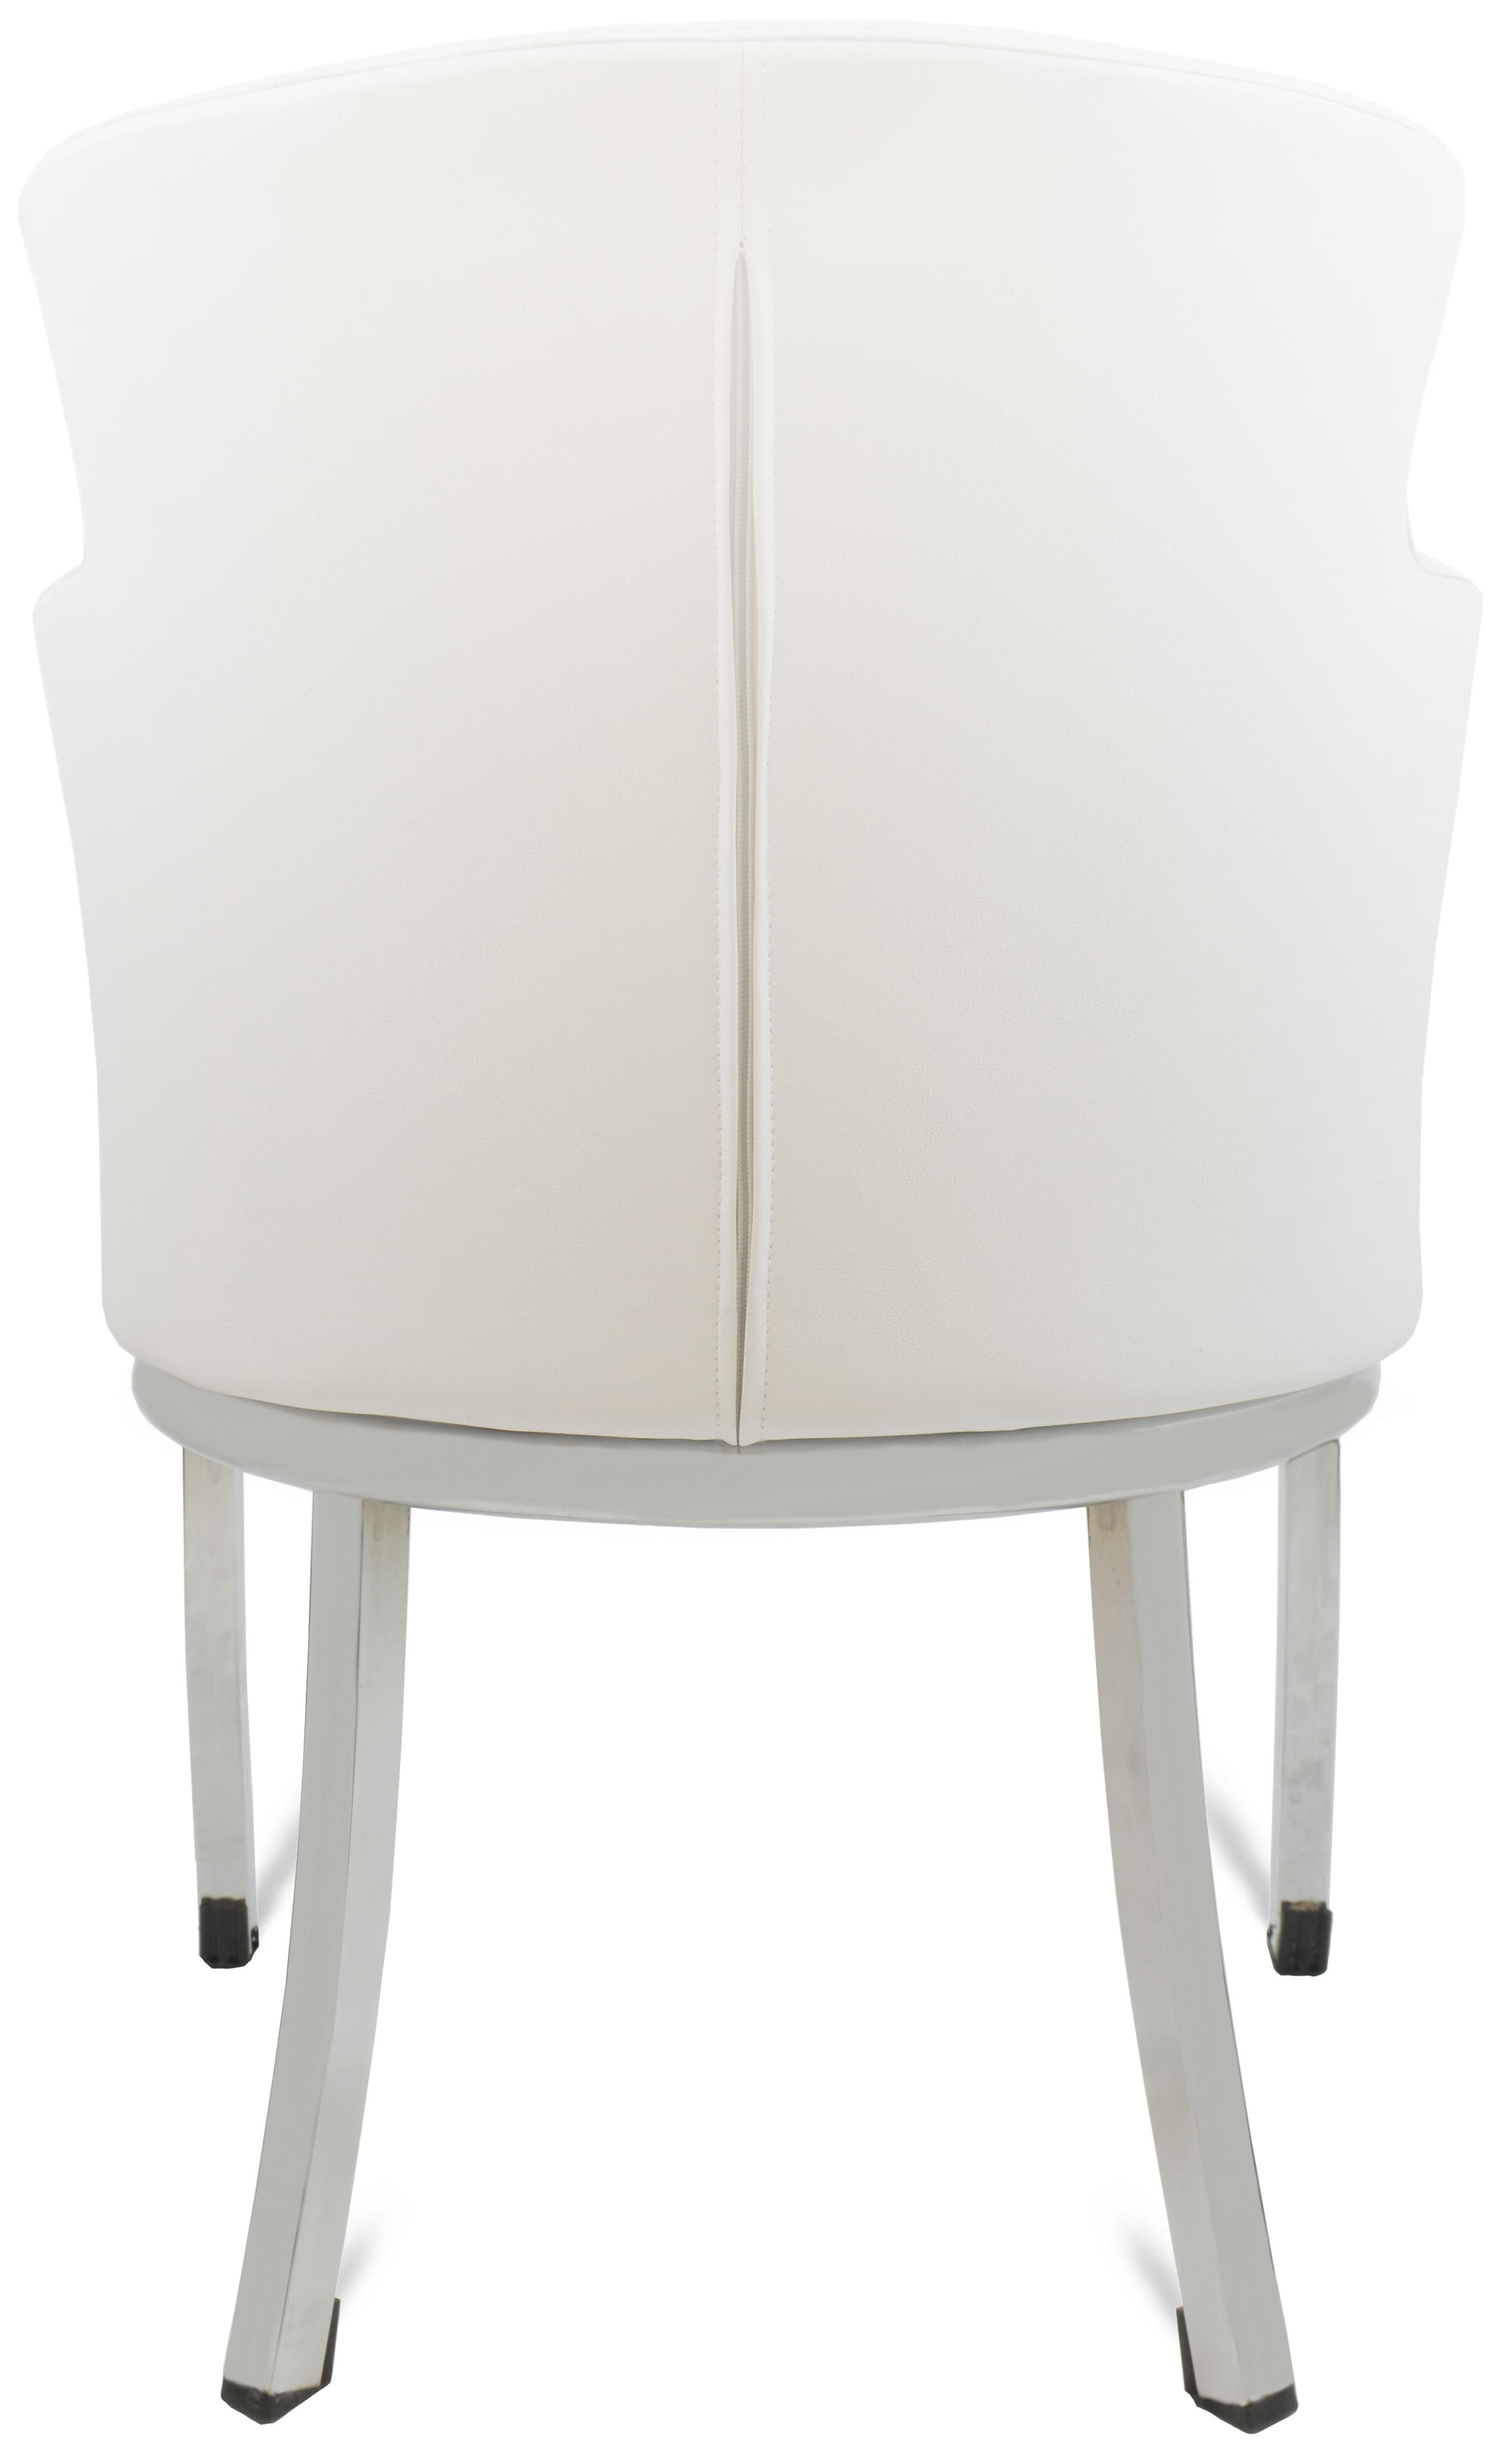 gastro lounge stuhl sessel primo wei mit schwarzem sitz m bel star. Black Bedroom Furniture Sets. Home Design Ideas